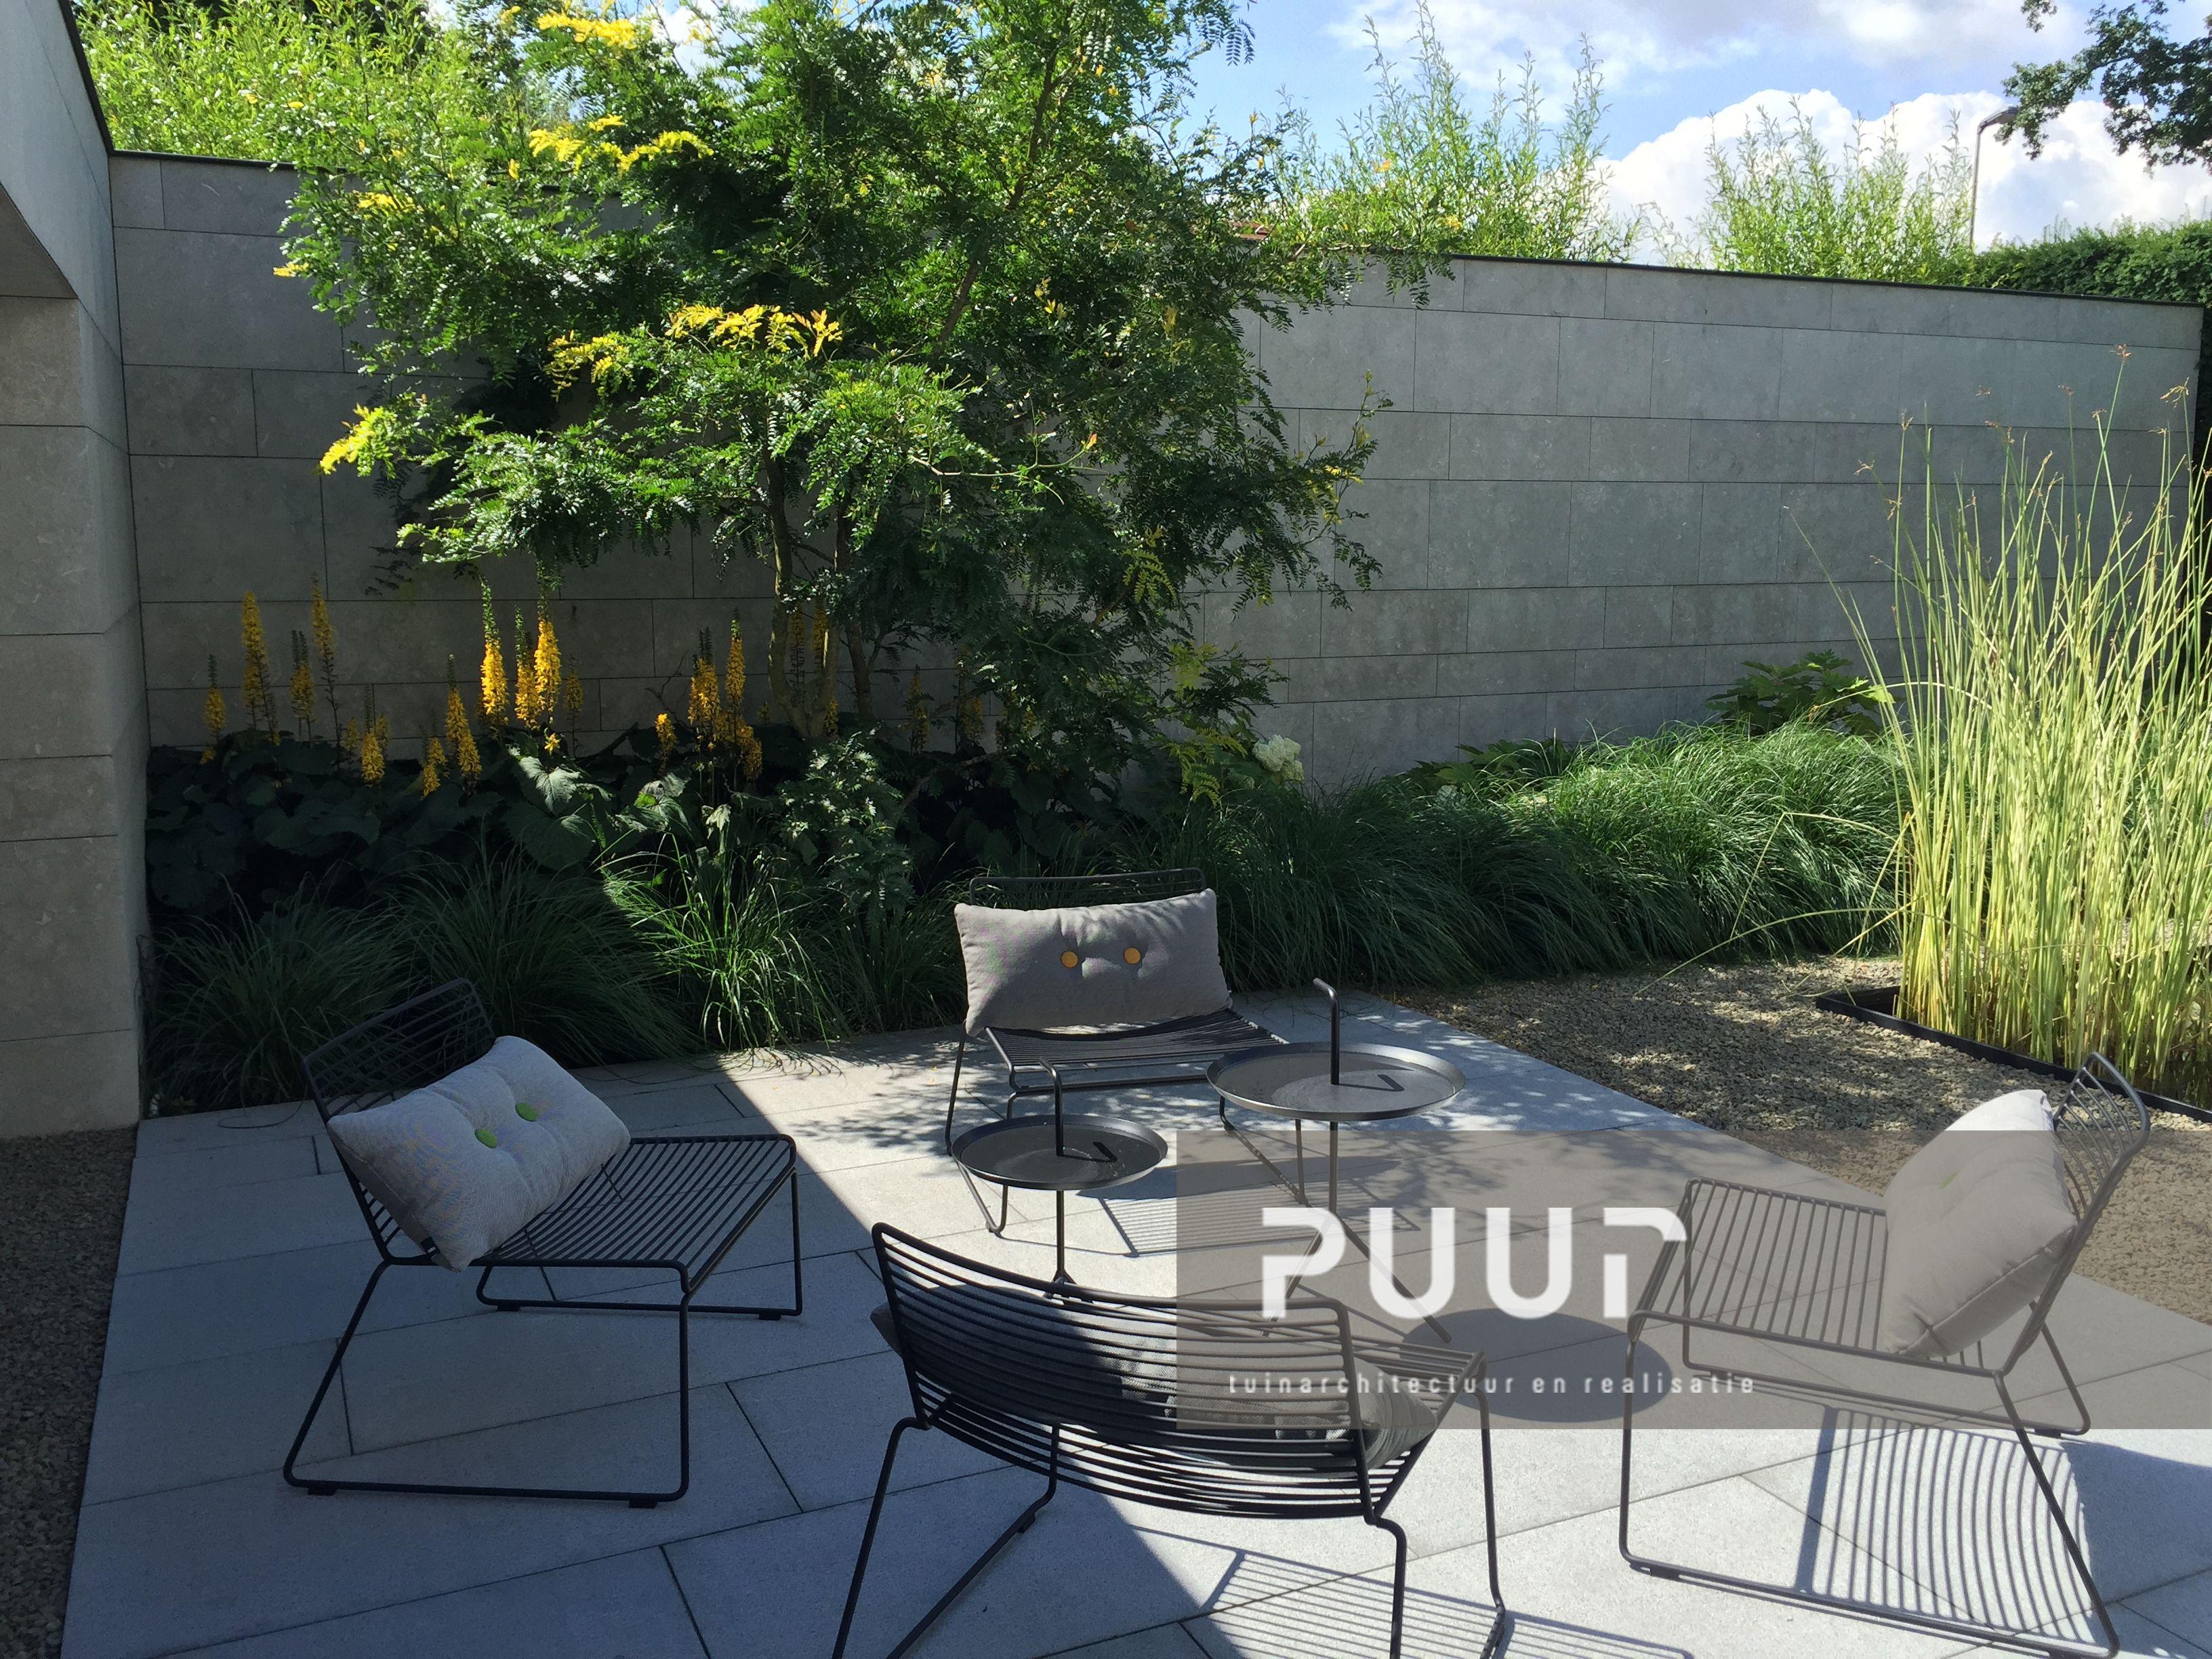 Moderne woning met unieke terraszone puur groenprojecten